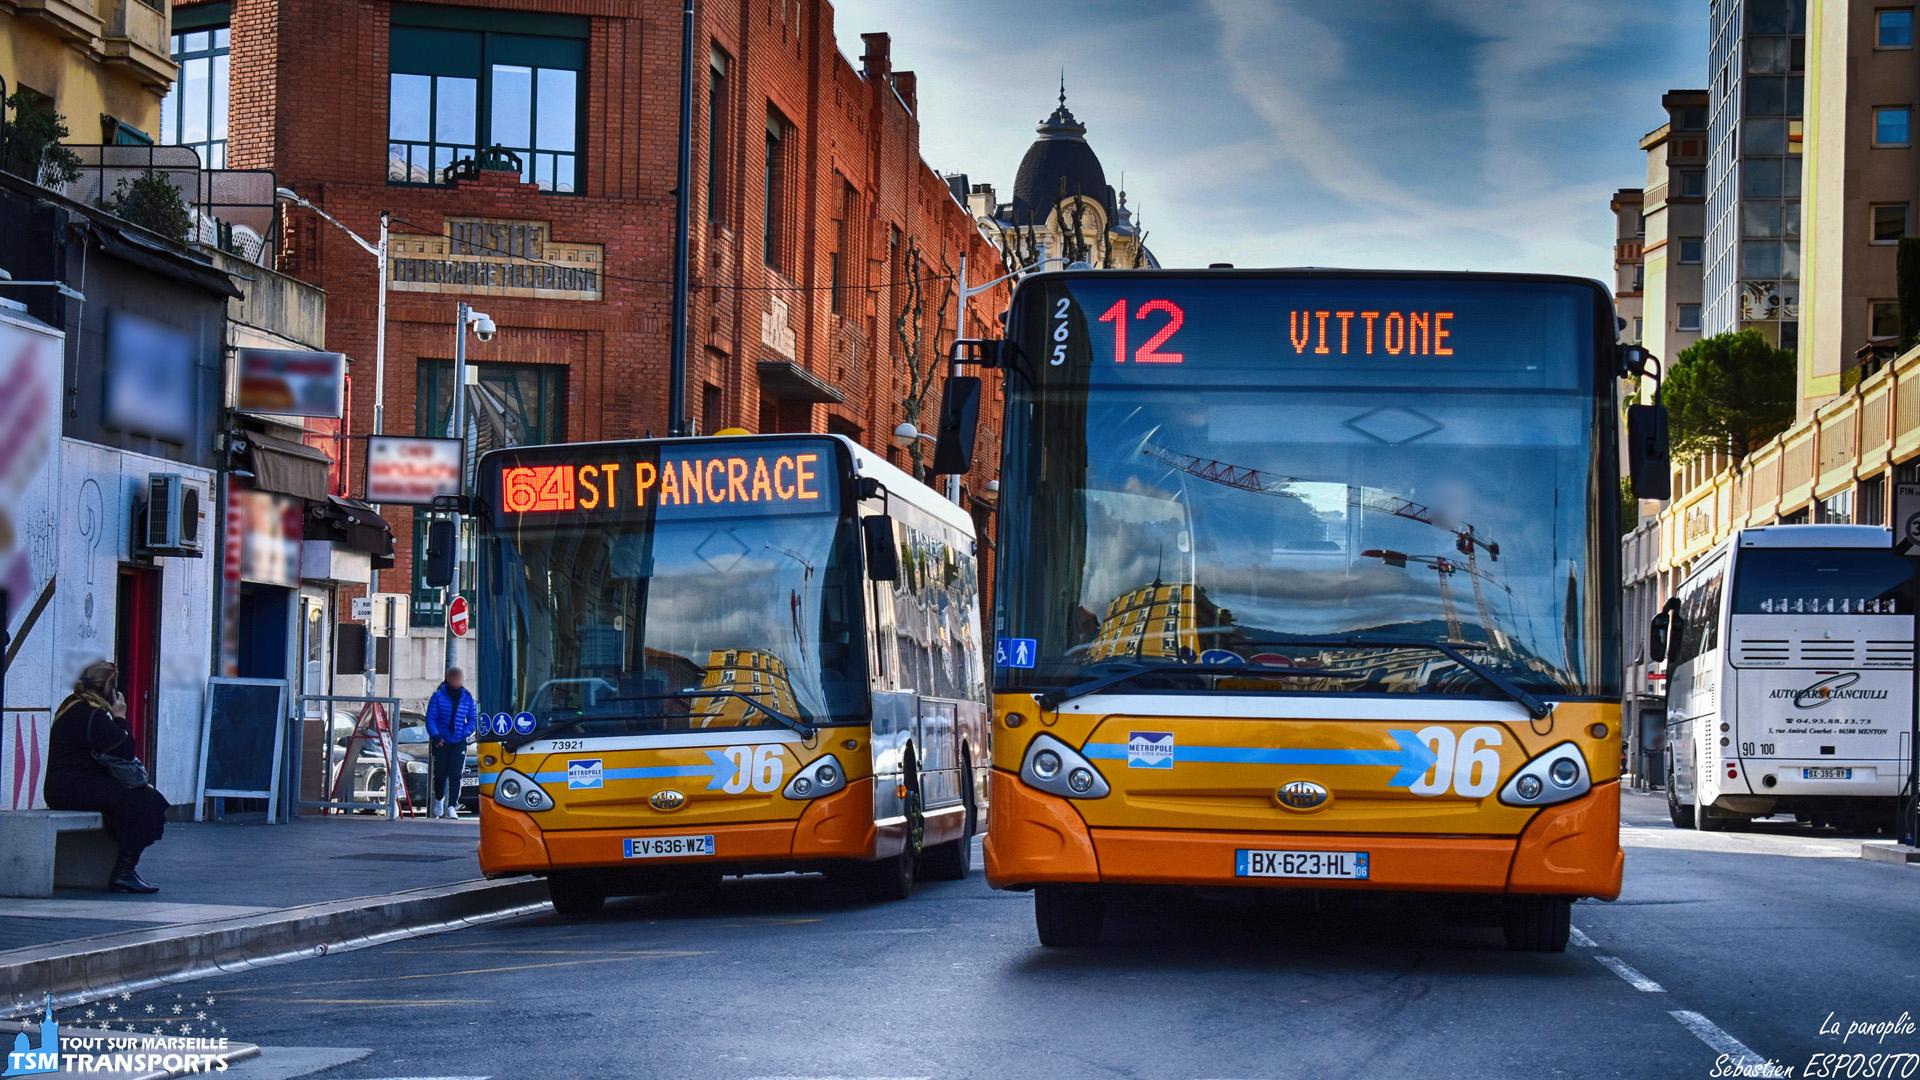 La famille GX s'offre à moi devant la Gare de Nice Ville, avec d'un côté, un GX 137 et de l'autre un GX 327 aux couleurs des Lignes d'Azur. . L'année s'achève sur cette photo prise à la pause déjeuner de notre session de spot en Gare de Nice ville, j'espère que cette année ce sera bien passé pour vous et que la prochaine le sera tout autant. . L'équipe de TSM TRANSPORTS, le photographe, comme les personnes dans l'ombre, qui permettent le bon fonctionnement de ce compte, vous souhaite une très belle année 2019 🥂. . ℹ️ Heuliez bus GX 137 n°73921 Transdev Rapides Côte d'Azur. . ℹ️² Heuliez bus GX 327 n°265 Régie Ligne d'Azur. . 📍 Gare de Nice Ville, Avenue Thiers 06008 Nice. . ↔️ 64 : Gare SNCF - Saint Pancrace. . ↔️² 12 : Gare SNCF Thiers - Vittone. . 📸 Nikon D5600. . 📷 Nikkor 18-55mm. . 📅 26 Décembre 2018 à 12:31. . 👨 Sébastien ESPOSITO.